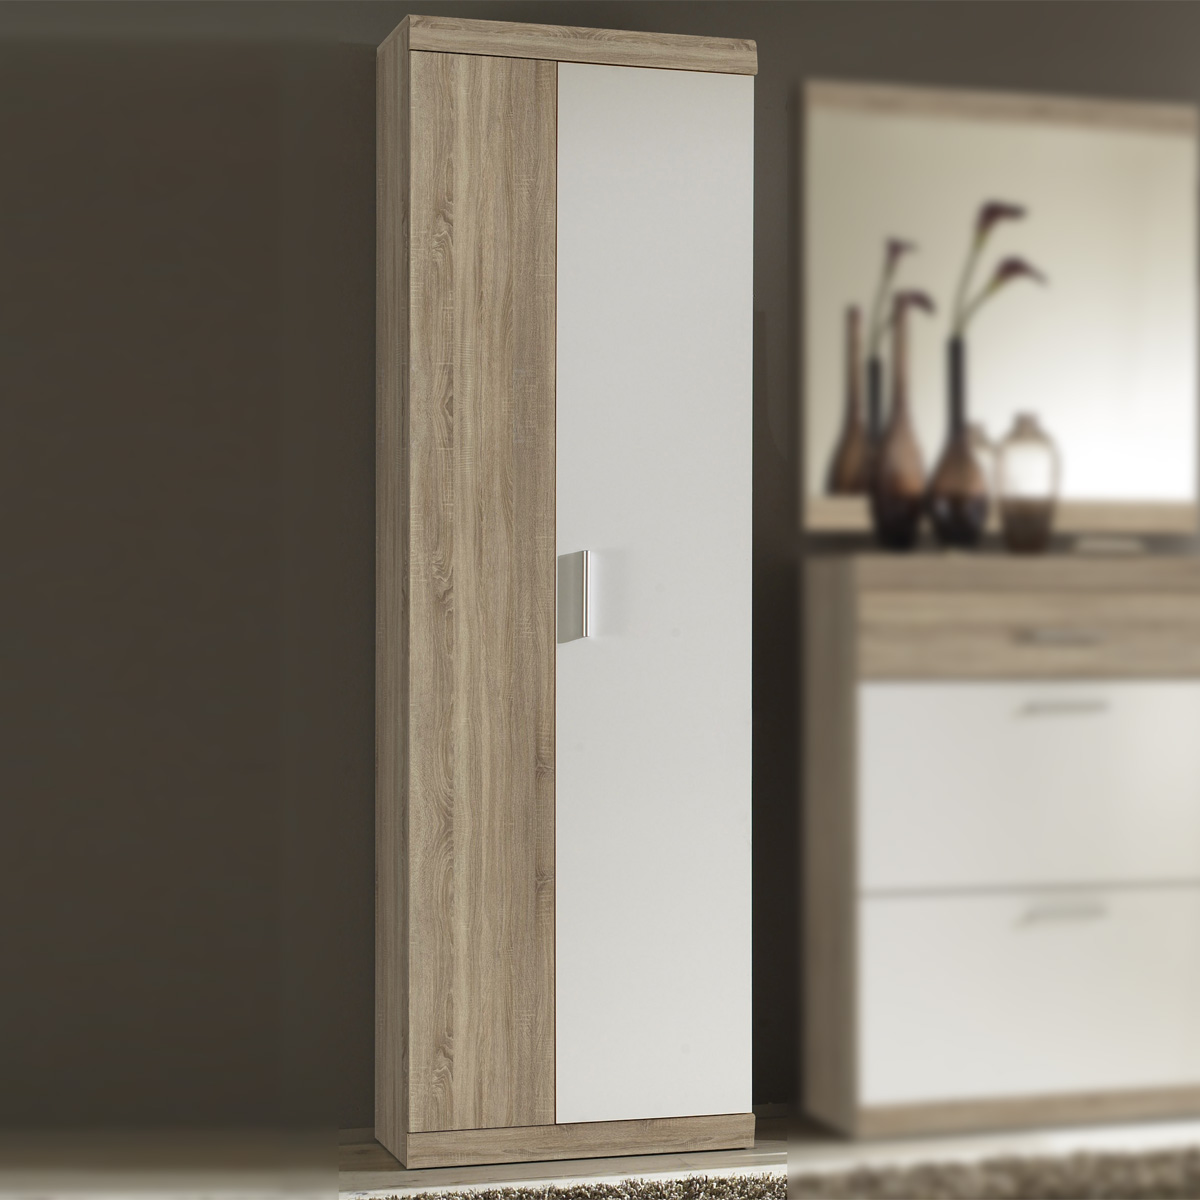 garderobenschrank imperial 2 flur schrank in eiche sonoma und wei 60 cm breit ebay. Black Bedroom Furniture Sets. Home Design Ideas